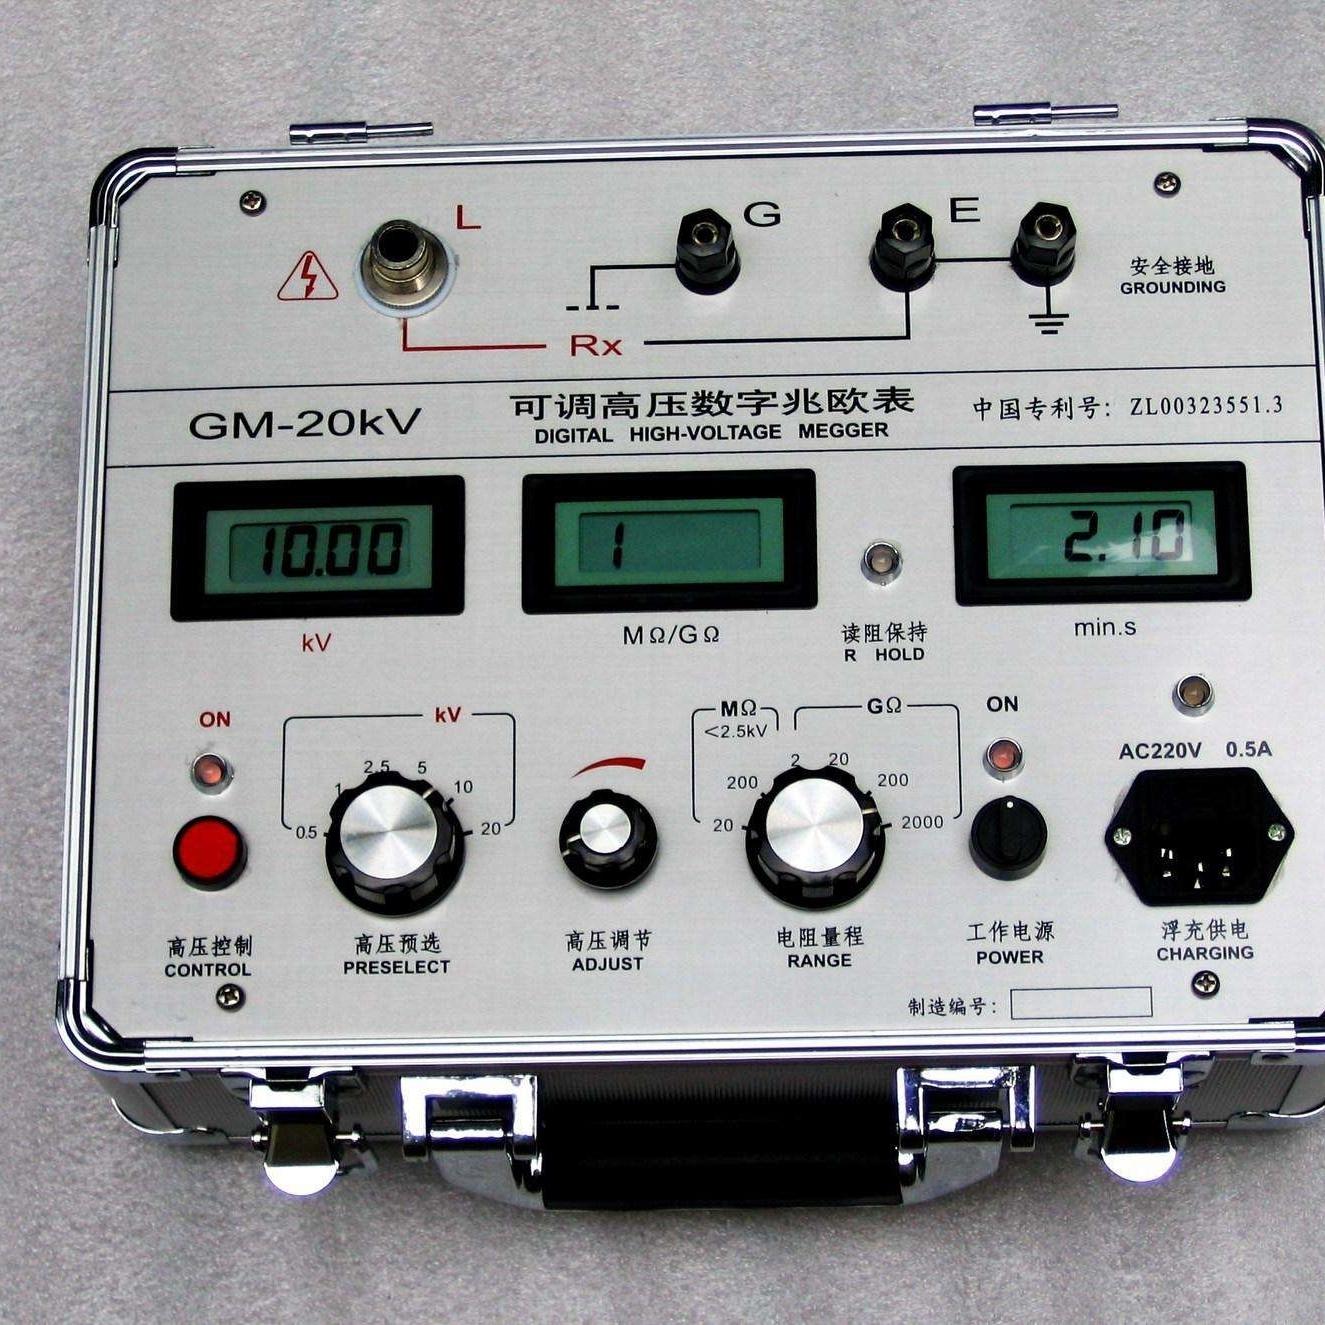 电力承试五级资质所需的设备及机具